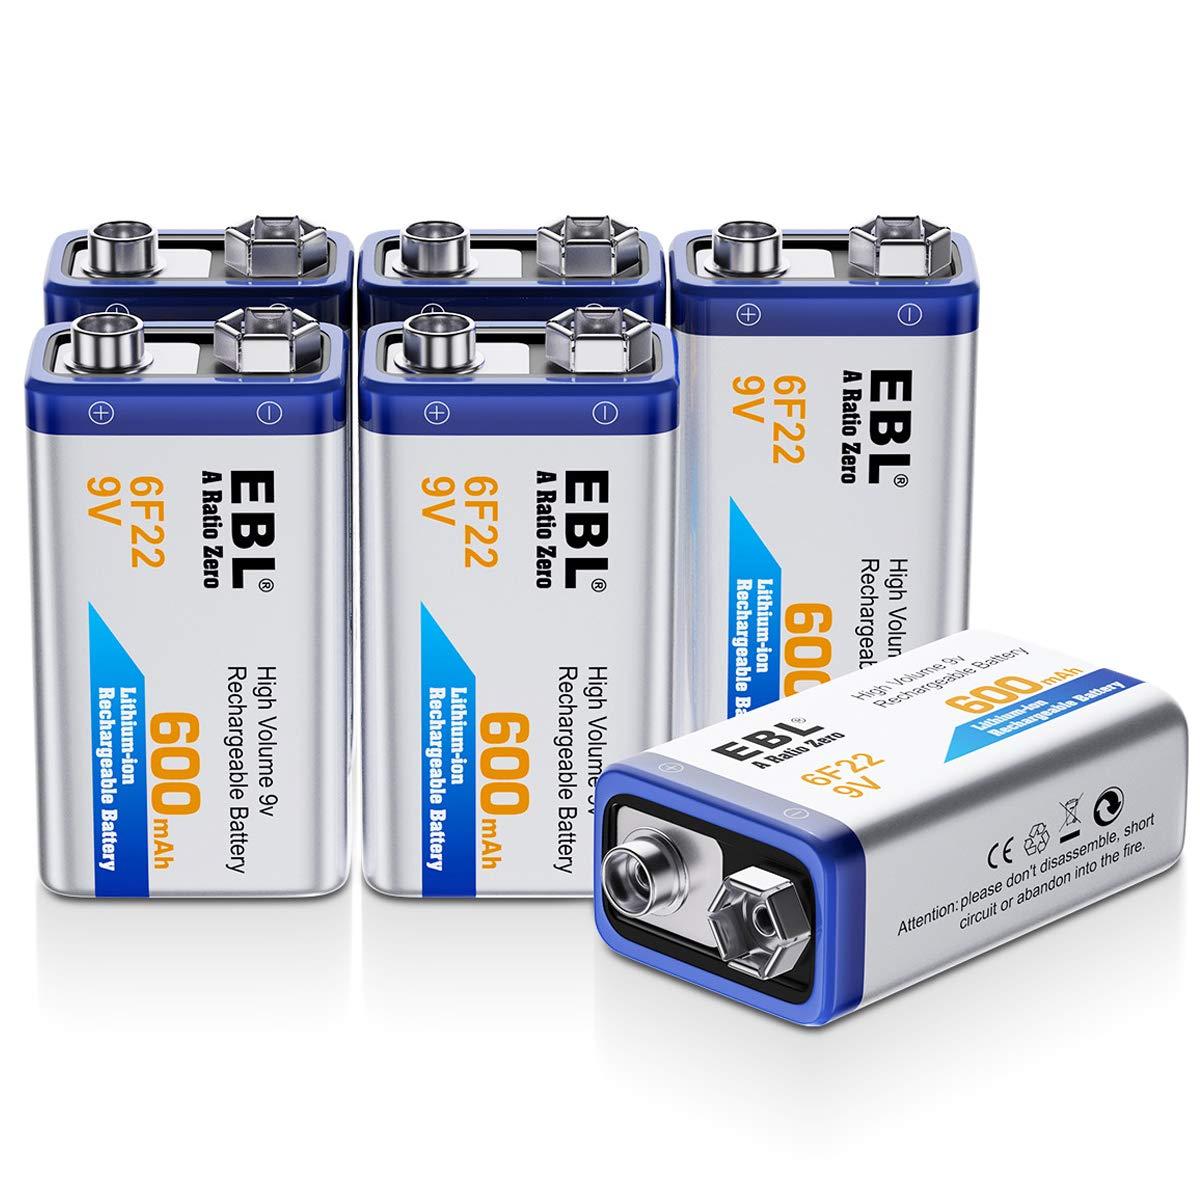 EBL 9 Volt 600mAh Li-ion Rechargeable 9V Batteries Lithium-ion, 6 Pack by EBL